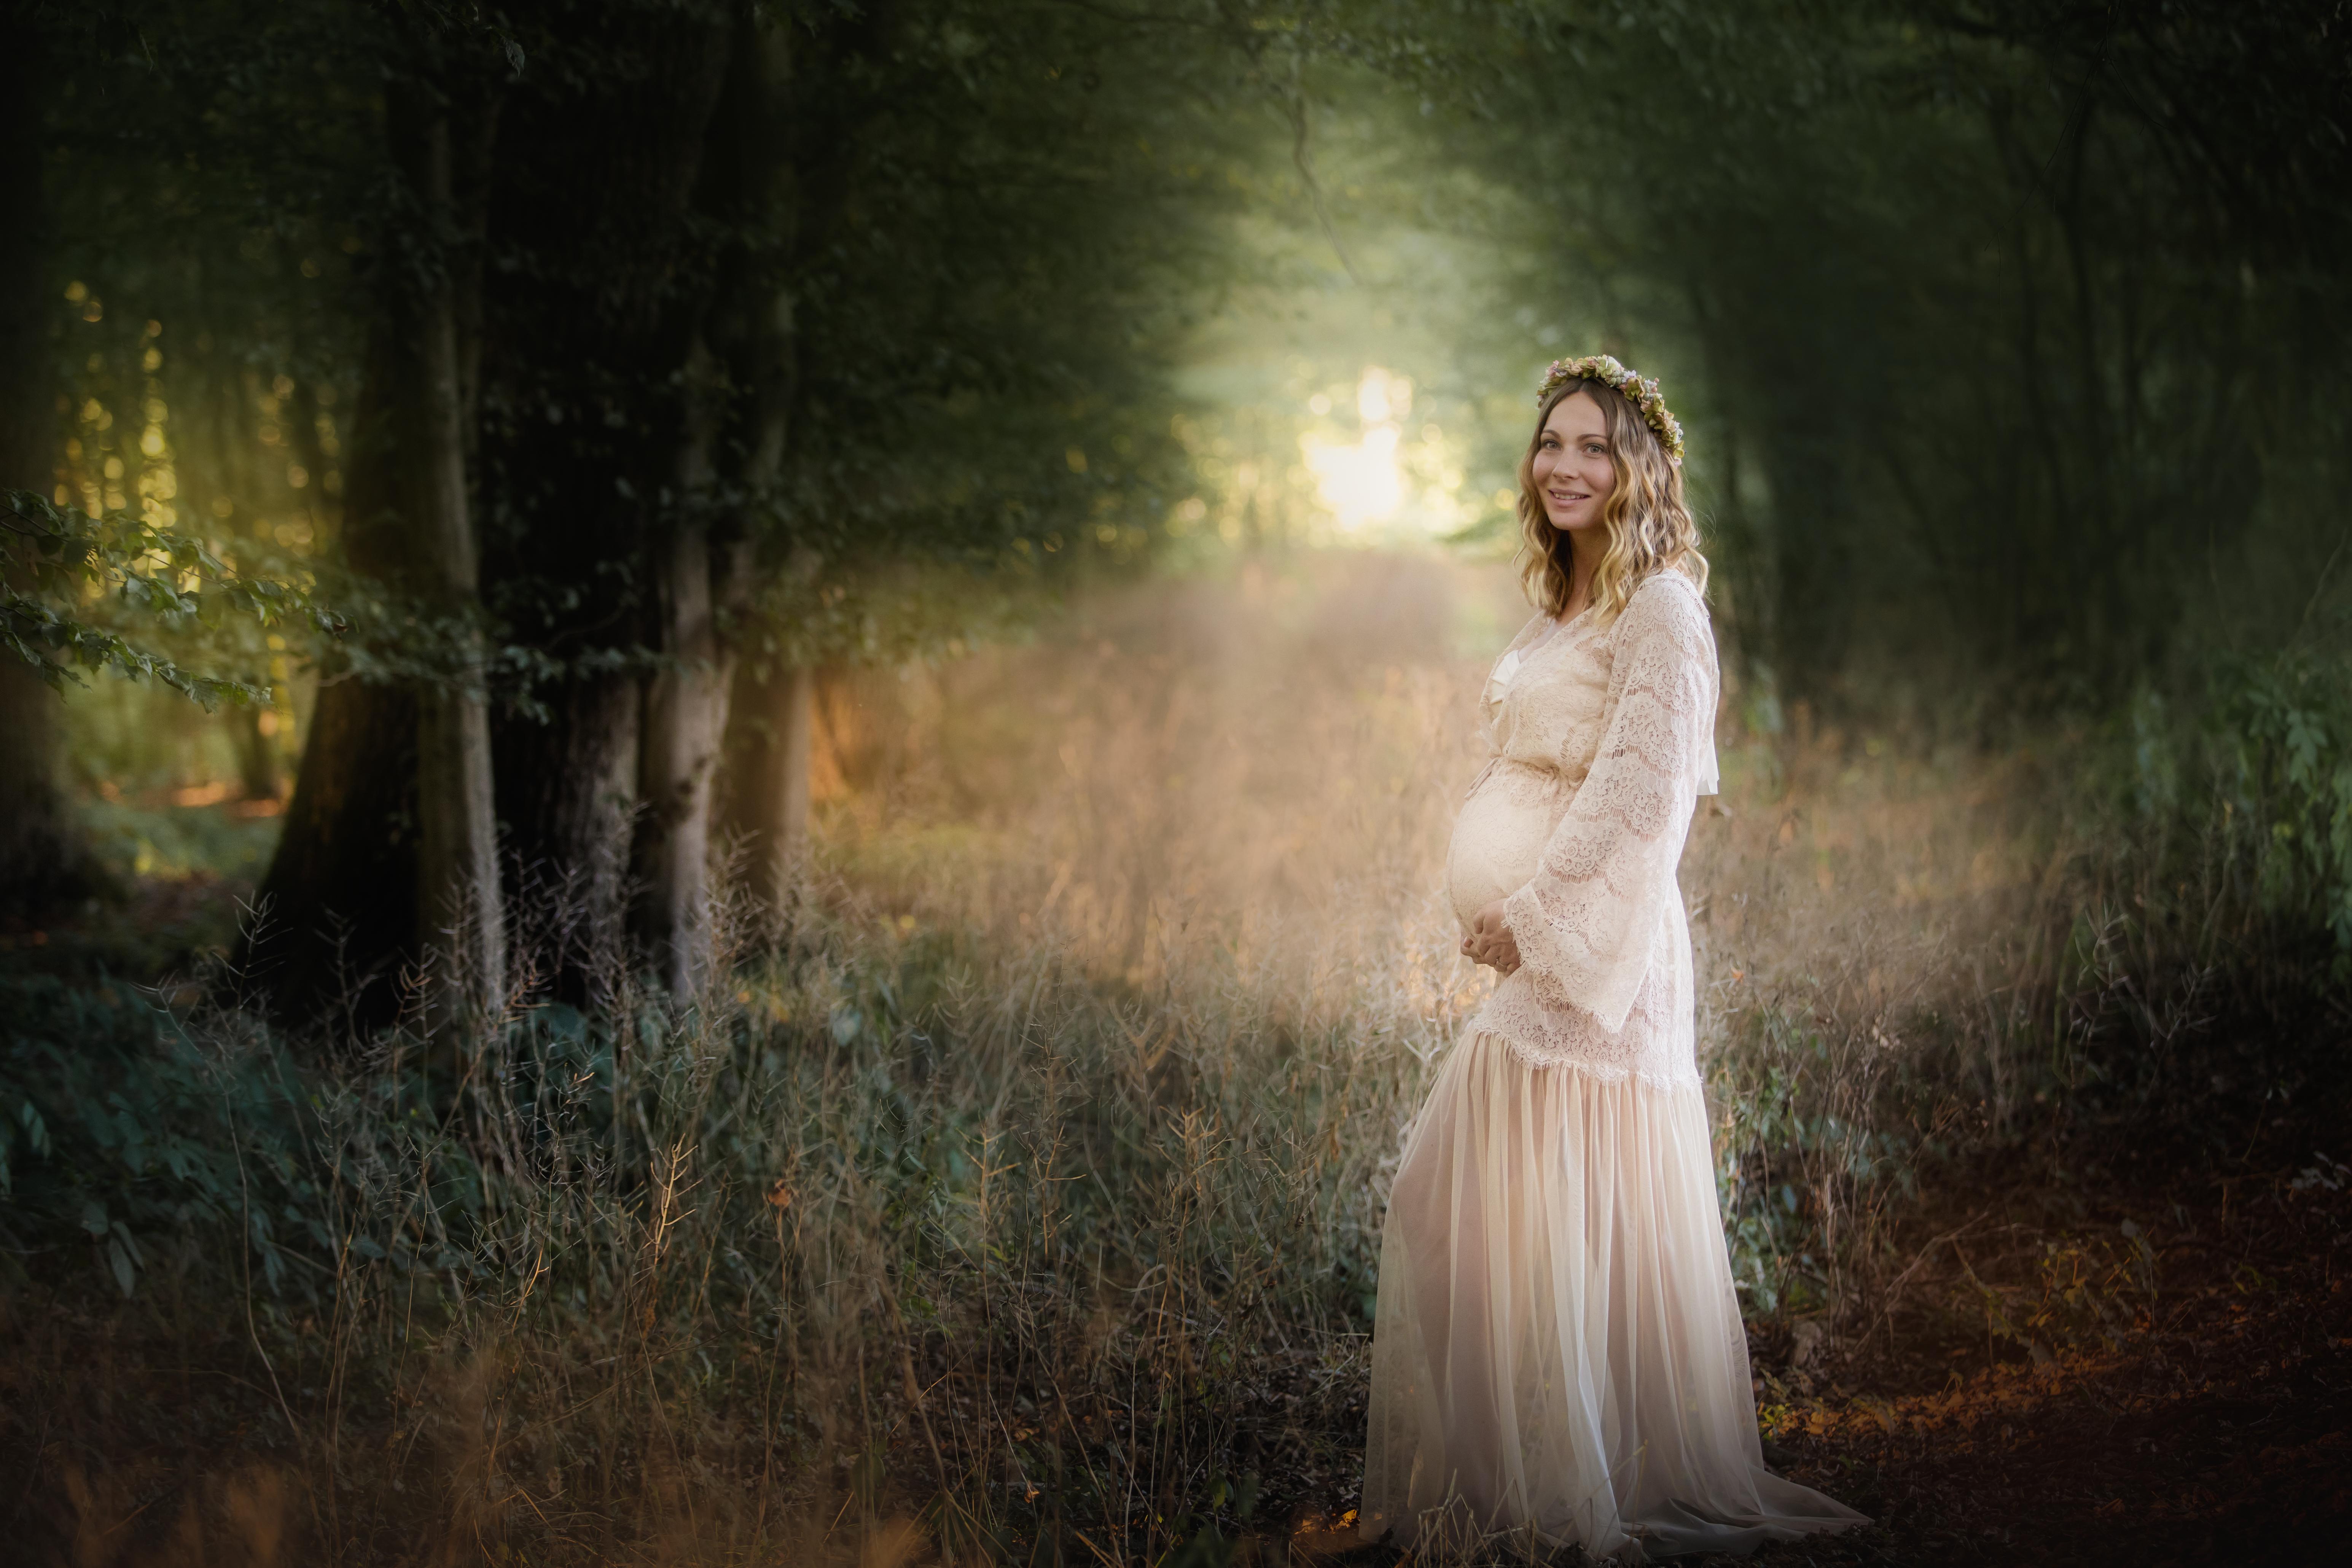 Schwangerschaftsfotos im ausgefallenem Shootingkleid